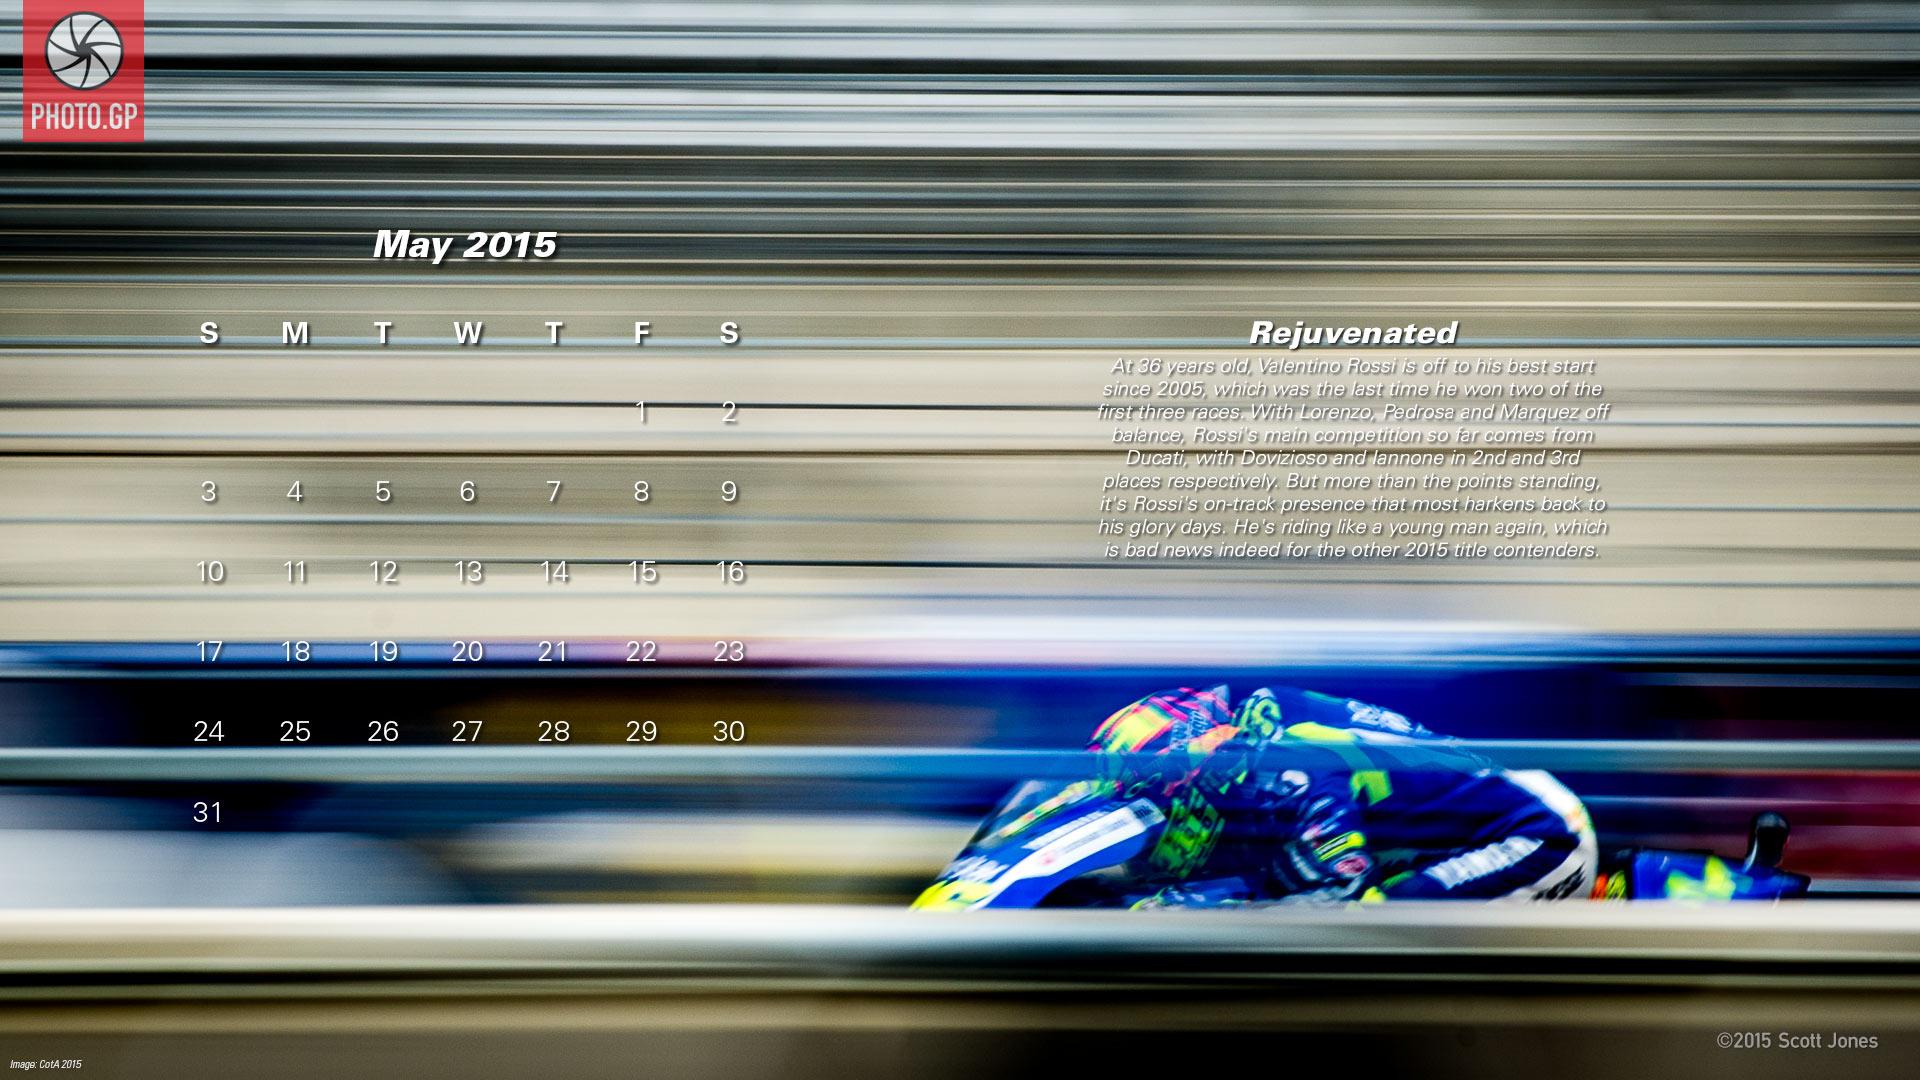 Календарь в стиле MotoGP на май 2015 года от фотографа Скотта Джонса